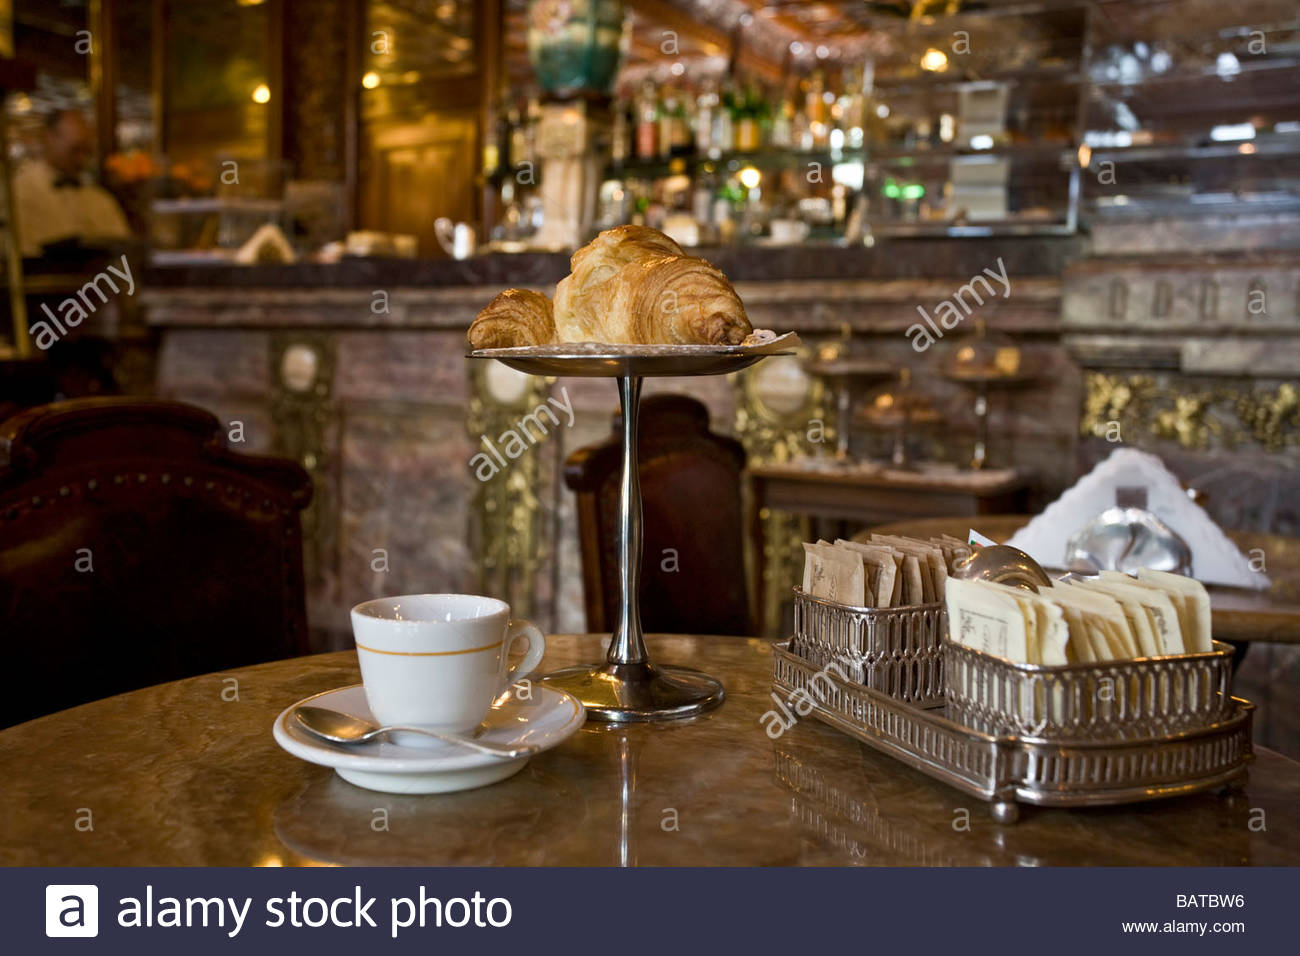 coffee and brioche  caff mulassano  turin  italy - Stock Image